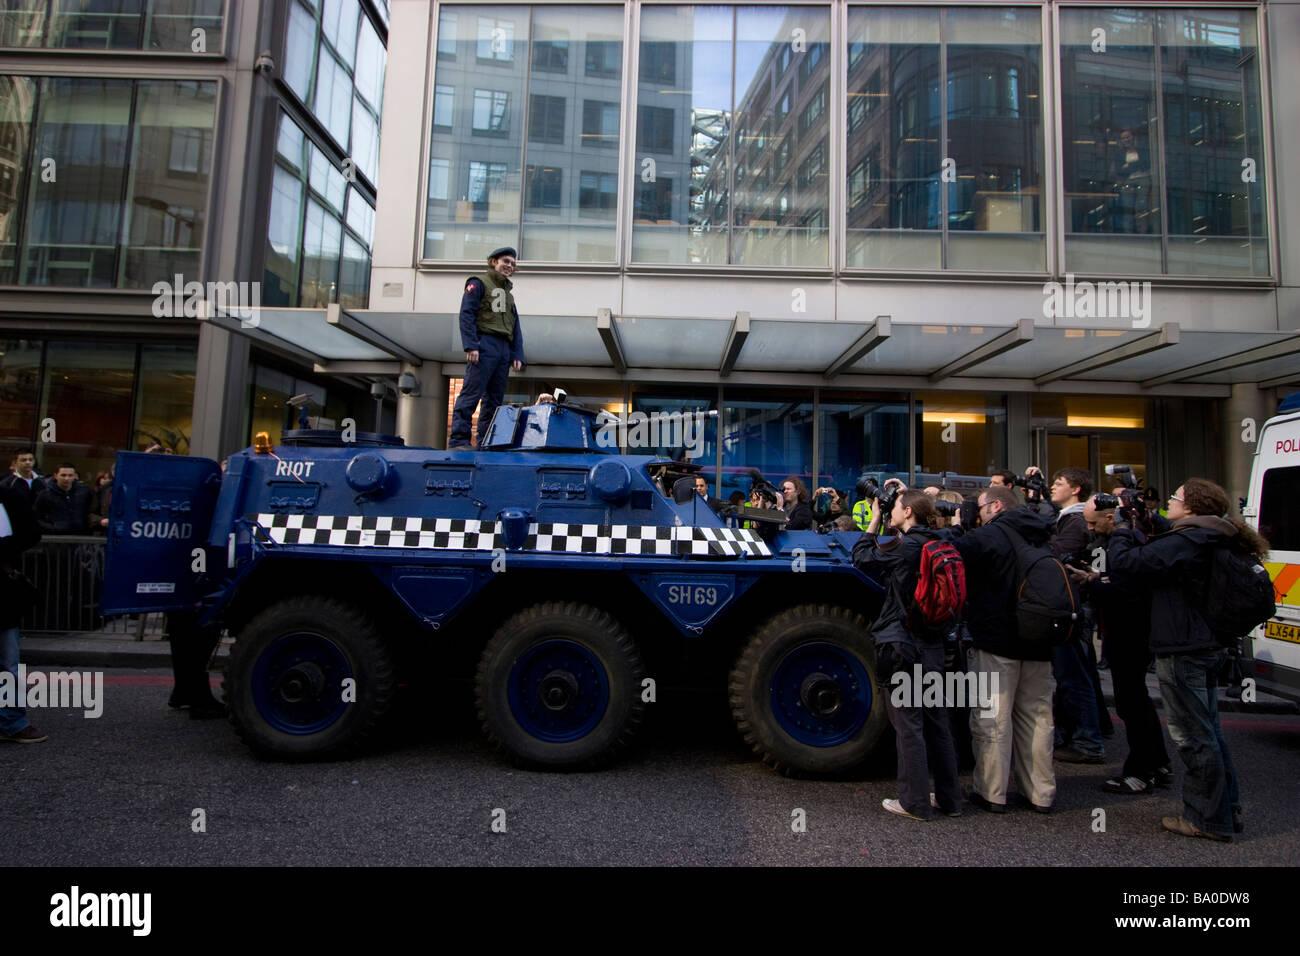 G20-Demonstration London, Raum Entführer anarchistische Gruppe in gefälschten Riot Squad van außerhalb Stockbild